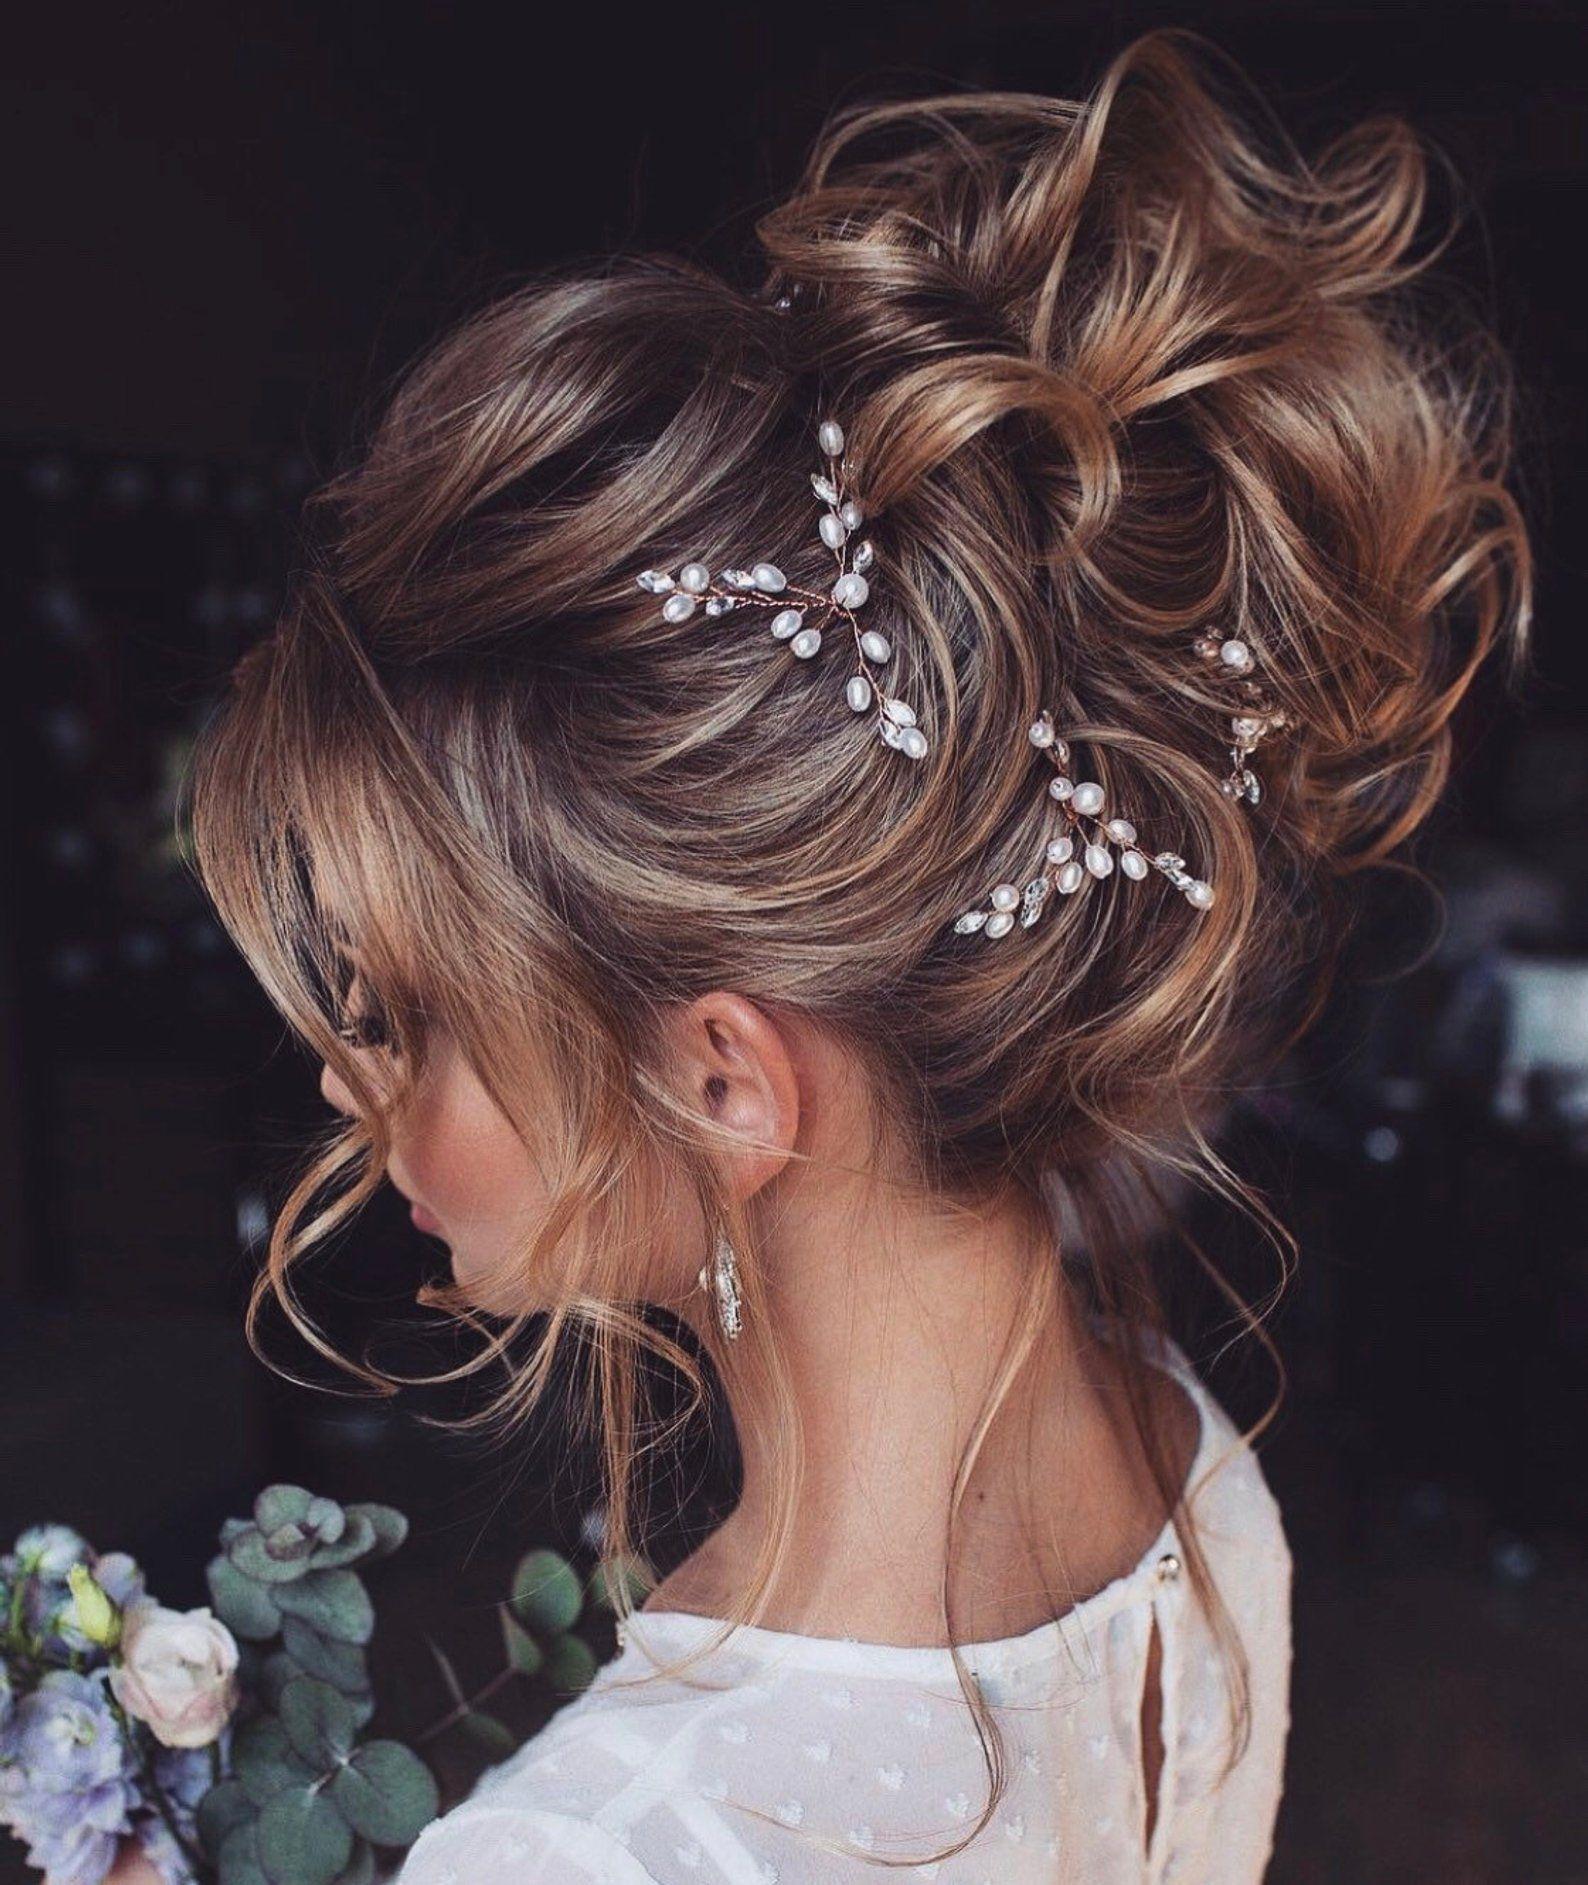 Bridal hair pins-Wedding hair pins-Pearl hair pins-Crystal | Etsy